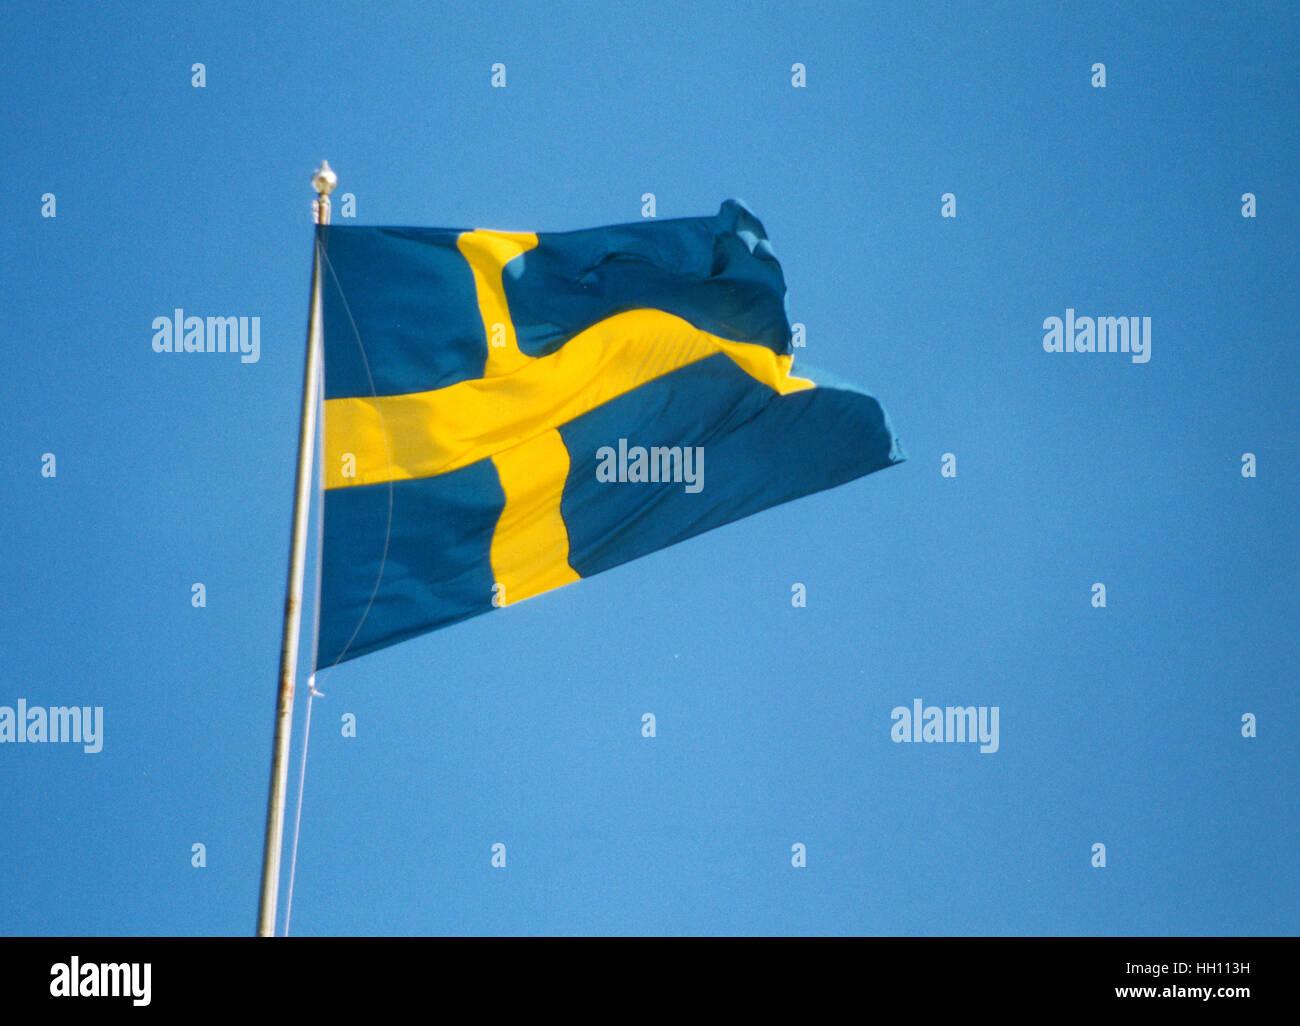 SWEDISH FLAG - Stock Image